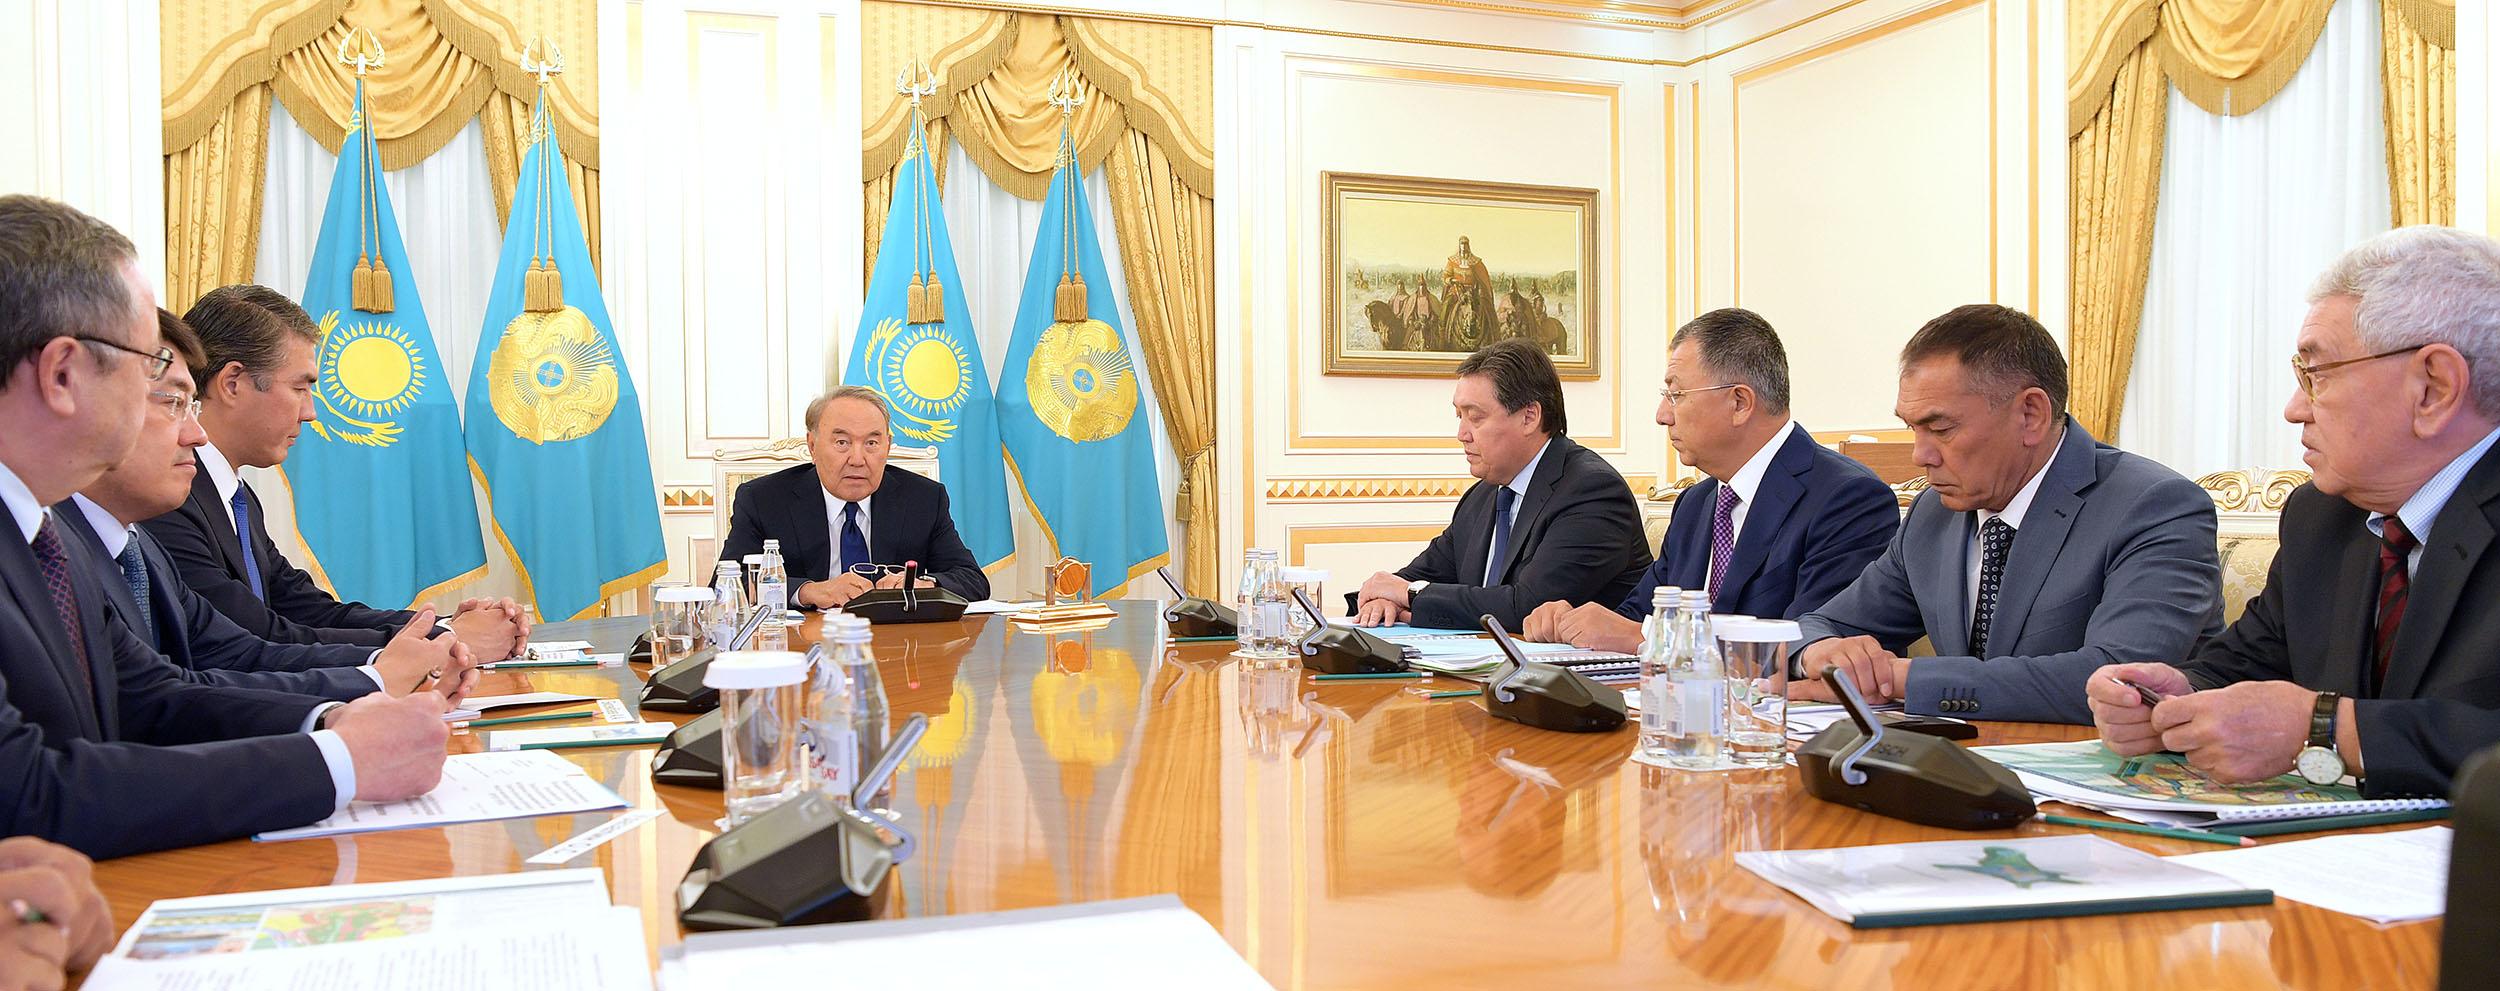 Нурсултану Назарбаеву доложили о планах развития Туркестана,  Развитие, Туркестан